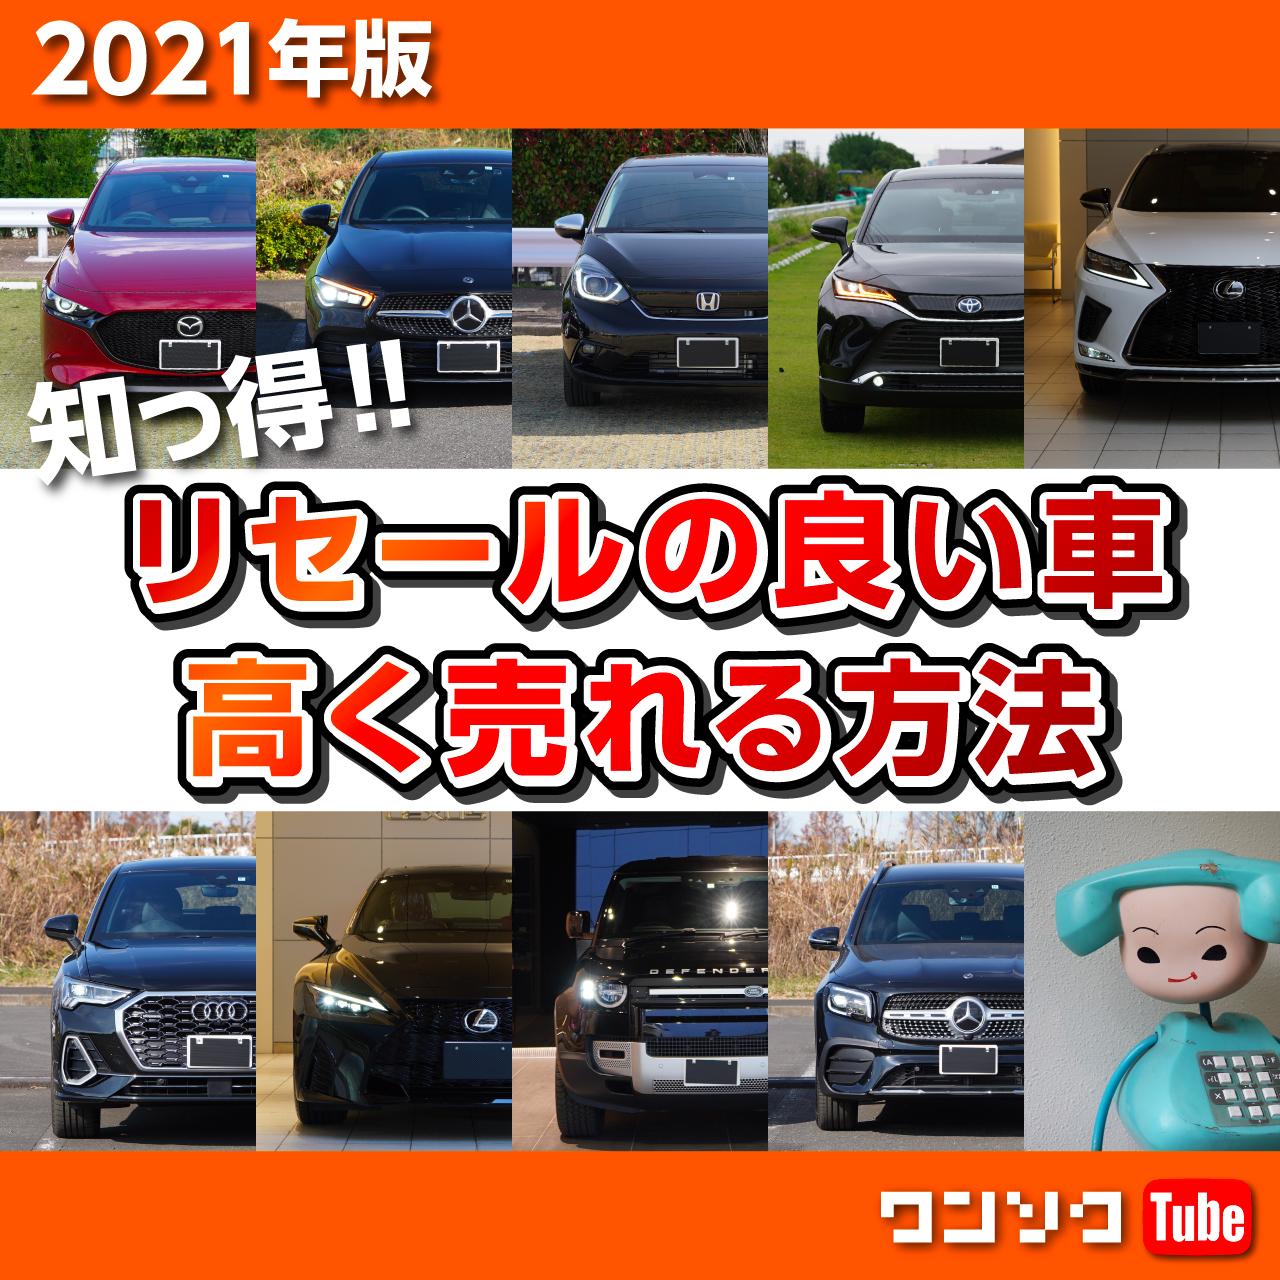 リセールの良い車高く売れる方法